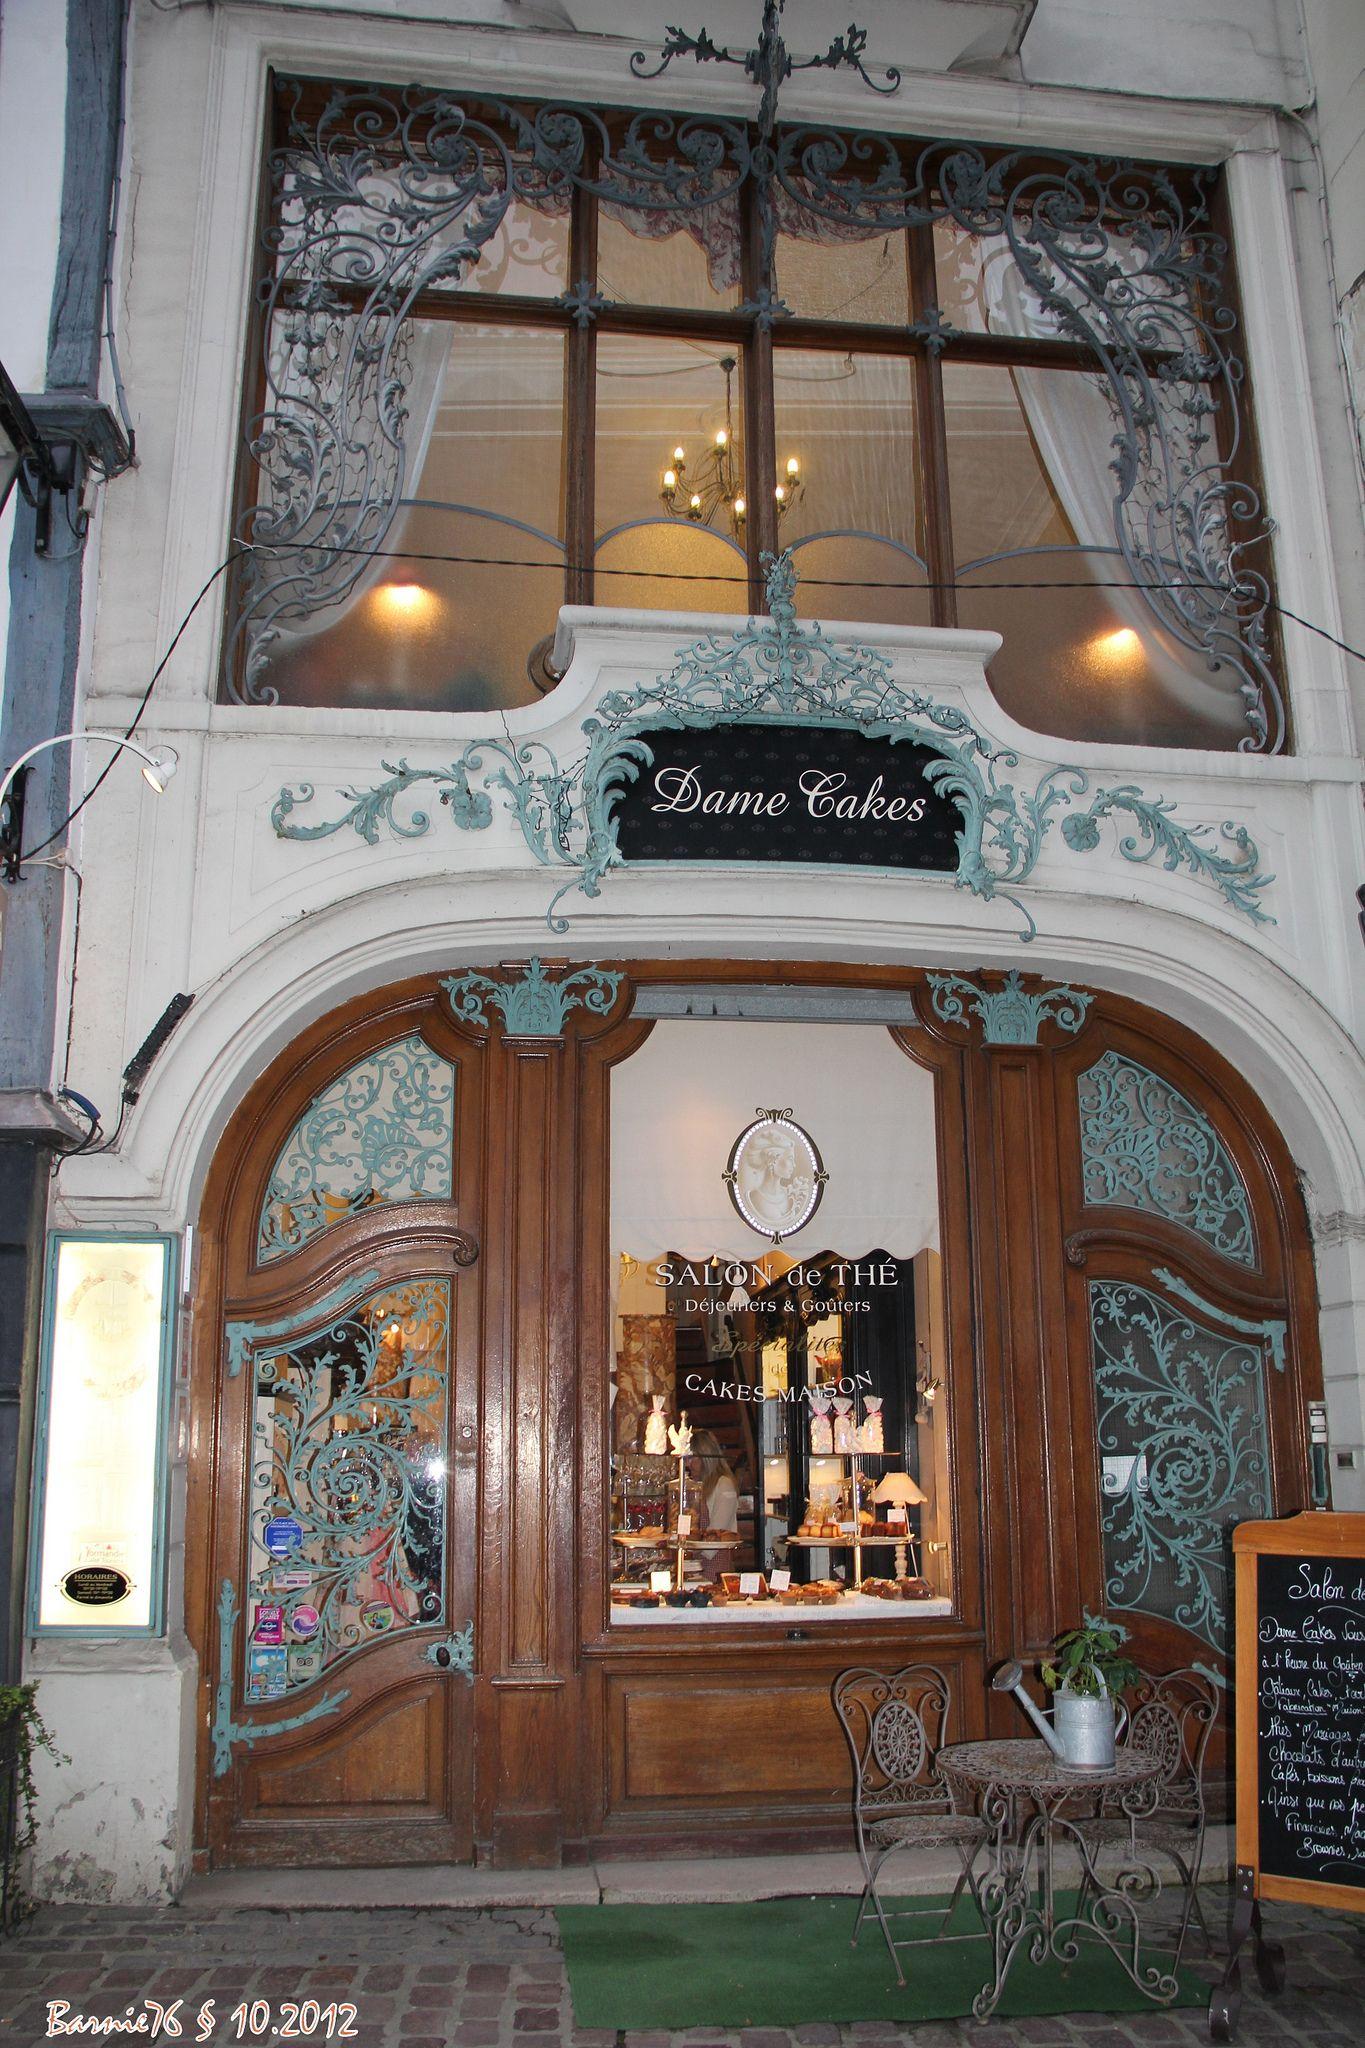 Dame Cakes, Salon de Thé , Rue St Romain . | Store fronts, France ...